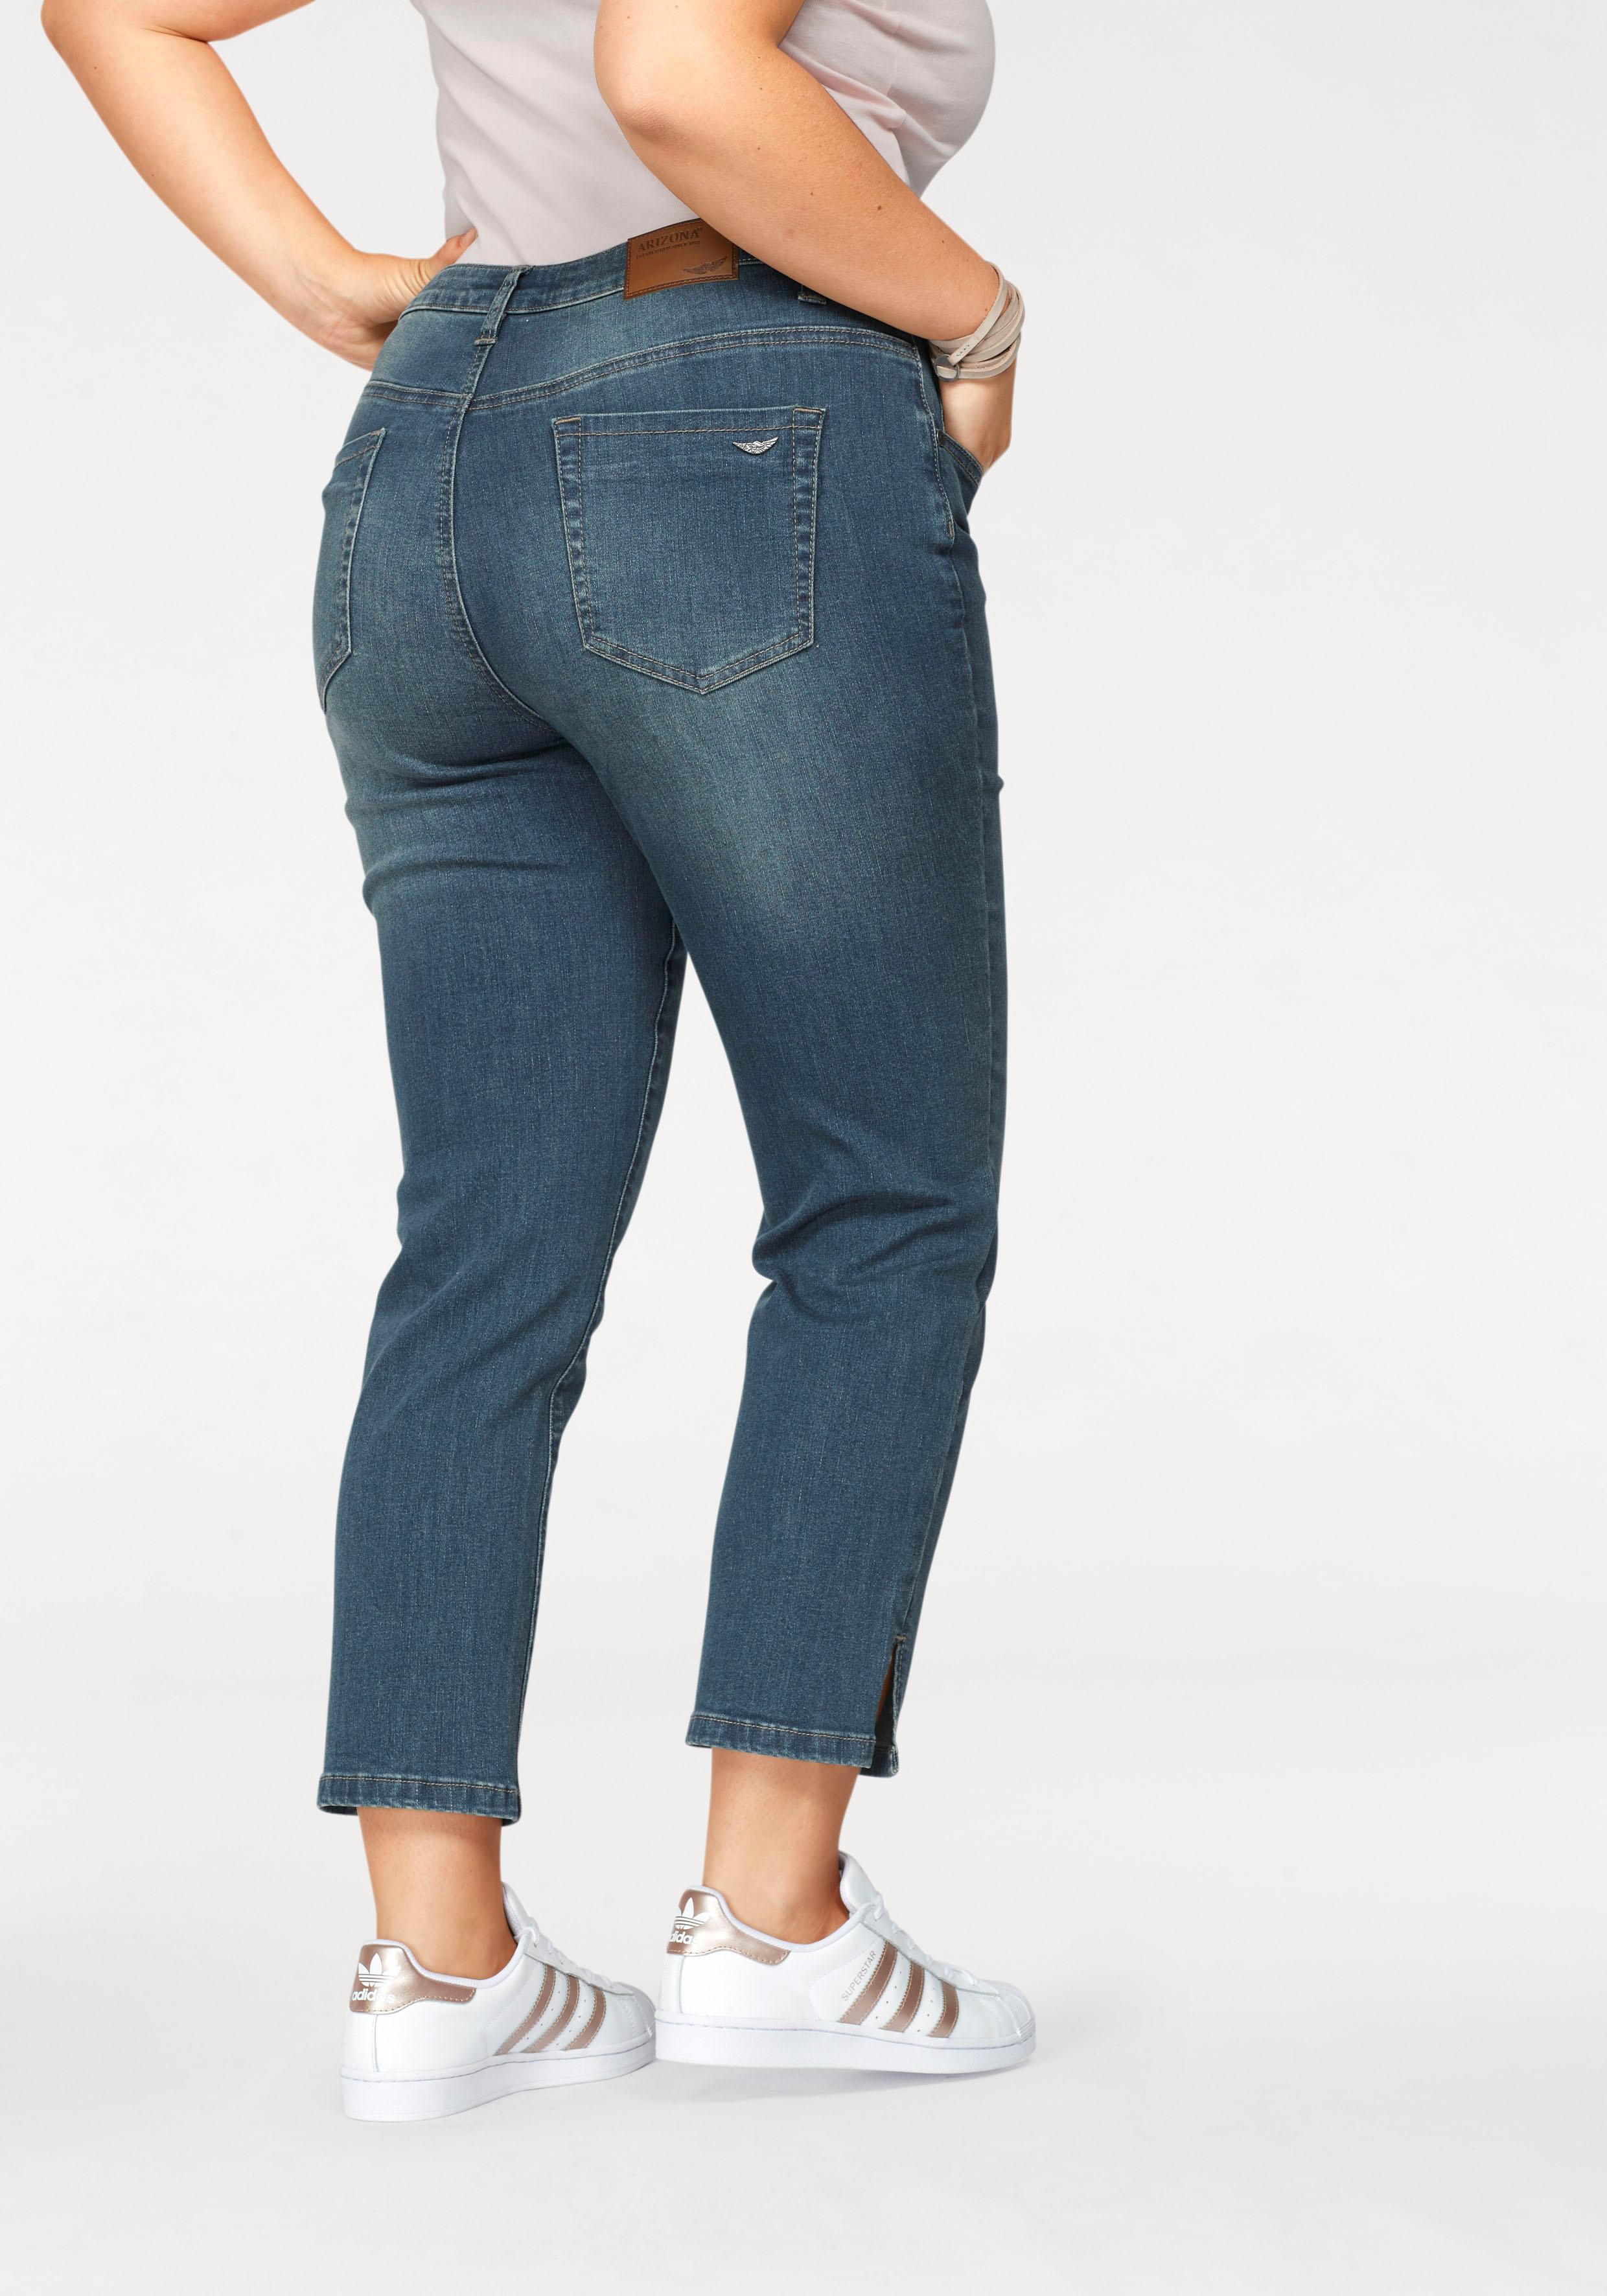 Arizona 7/8-Jeans seitliche Schlitze am Saum | Bekleidung > Jeans > 7/8-Jeans | Blau | Arizona